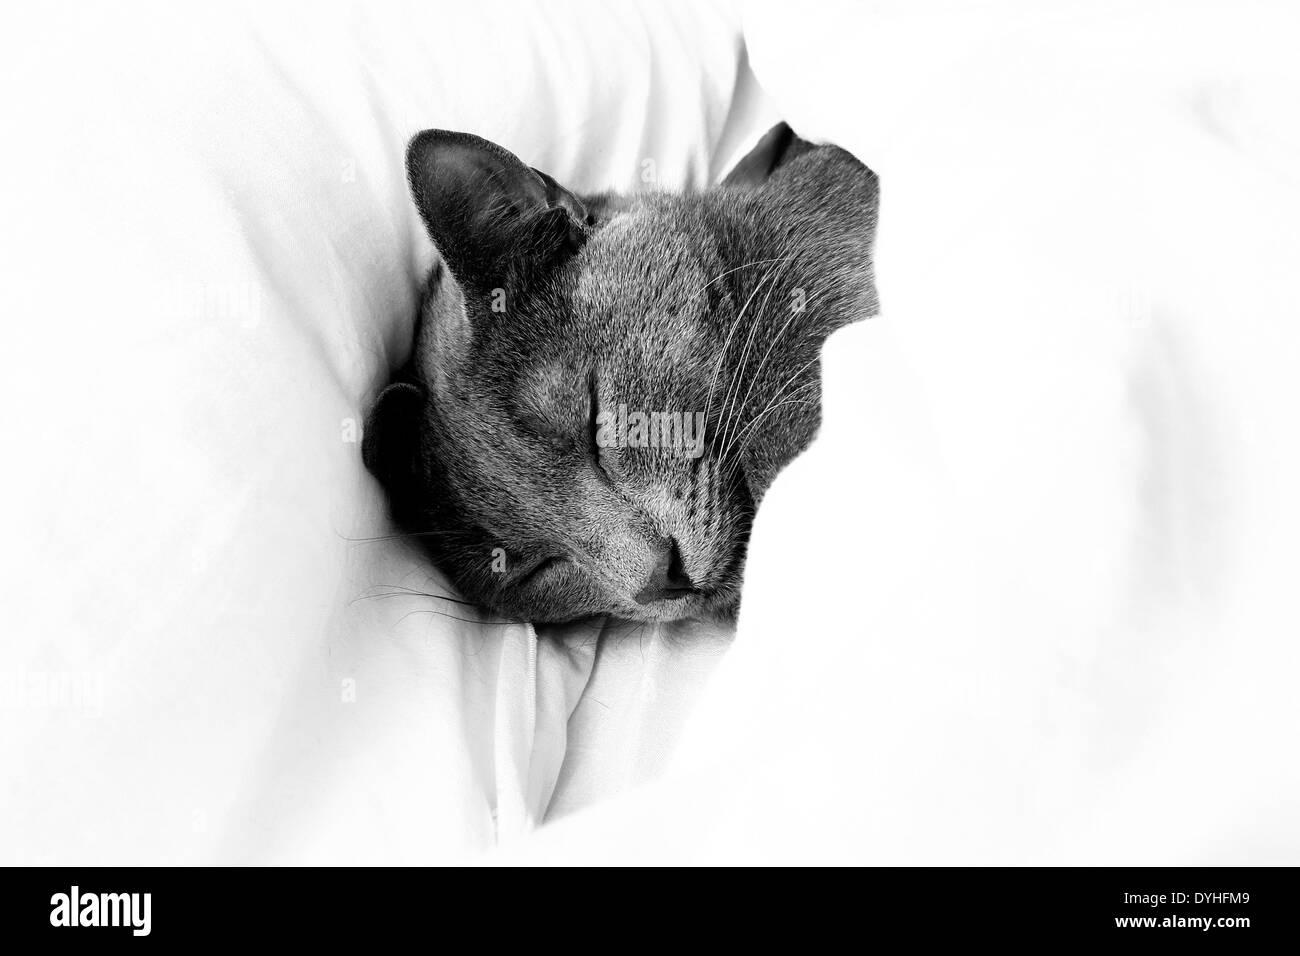 Un chat gris dormir dans un lit sous les draps Photo Stock